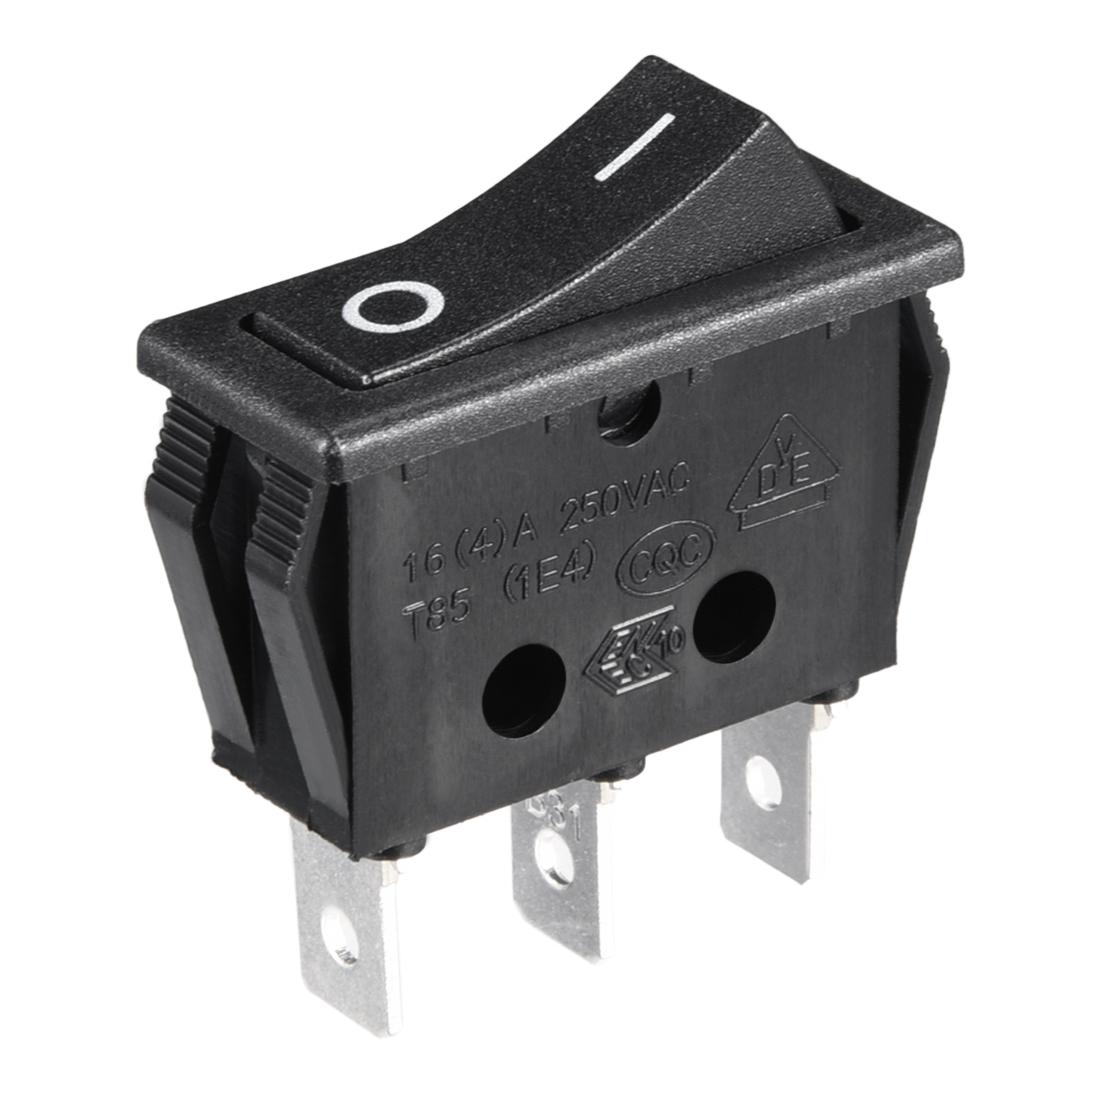 10Pcs 16A/125V 16A/250V SPDT 3 Terminal 2 Position Boat Rocker Switch